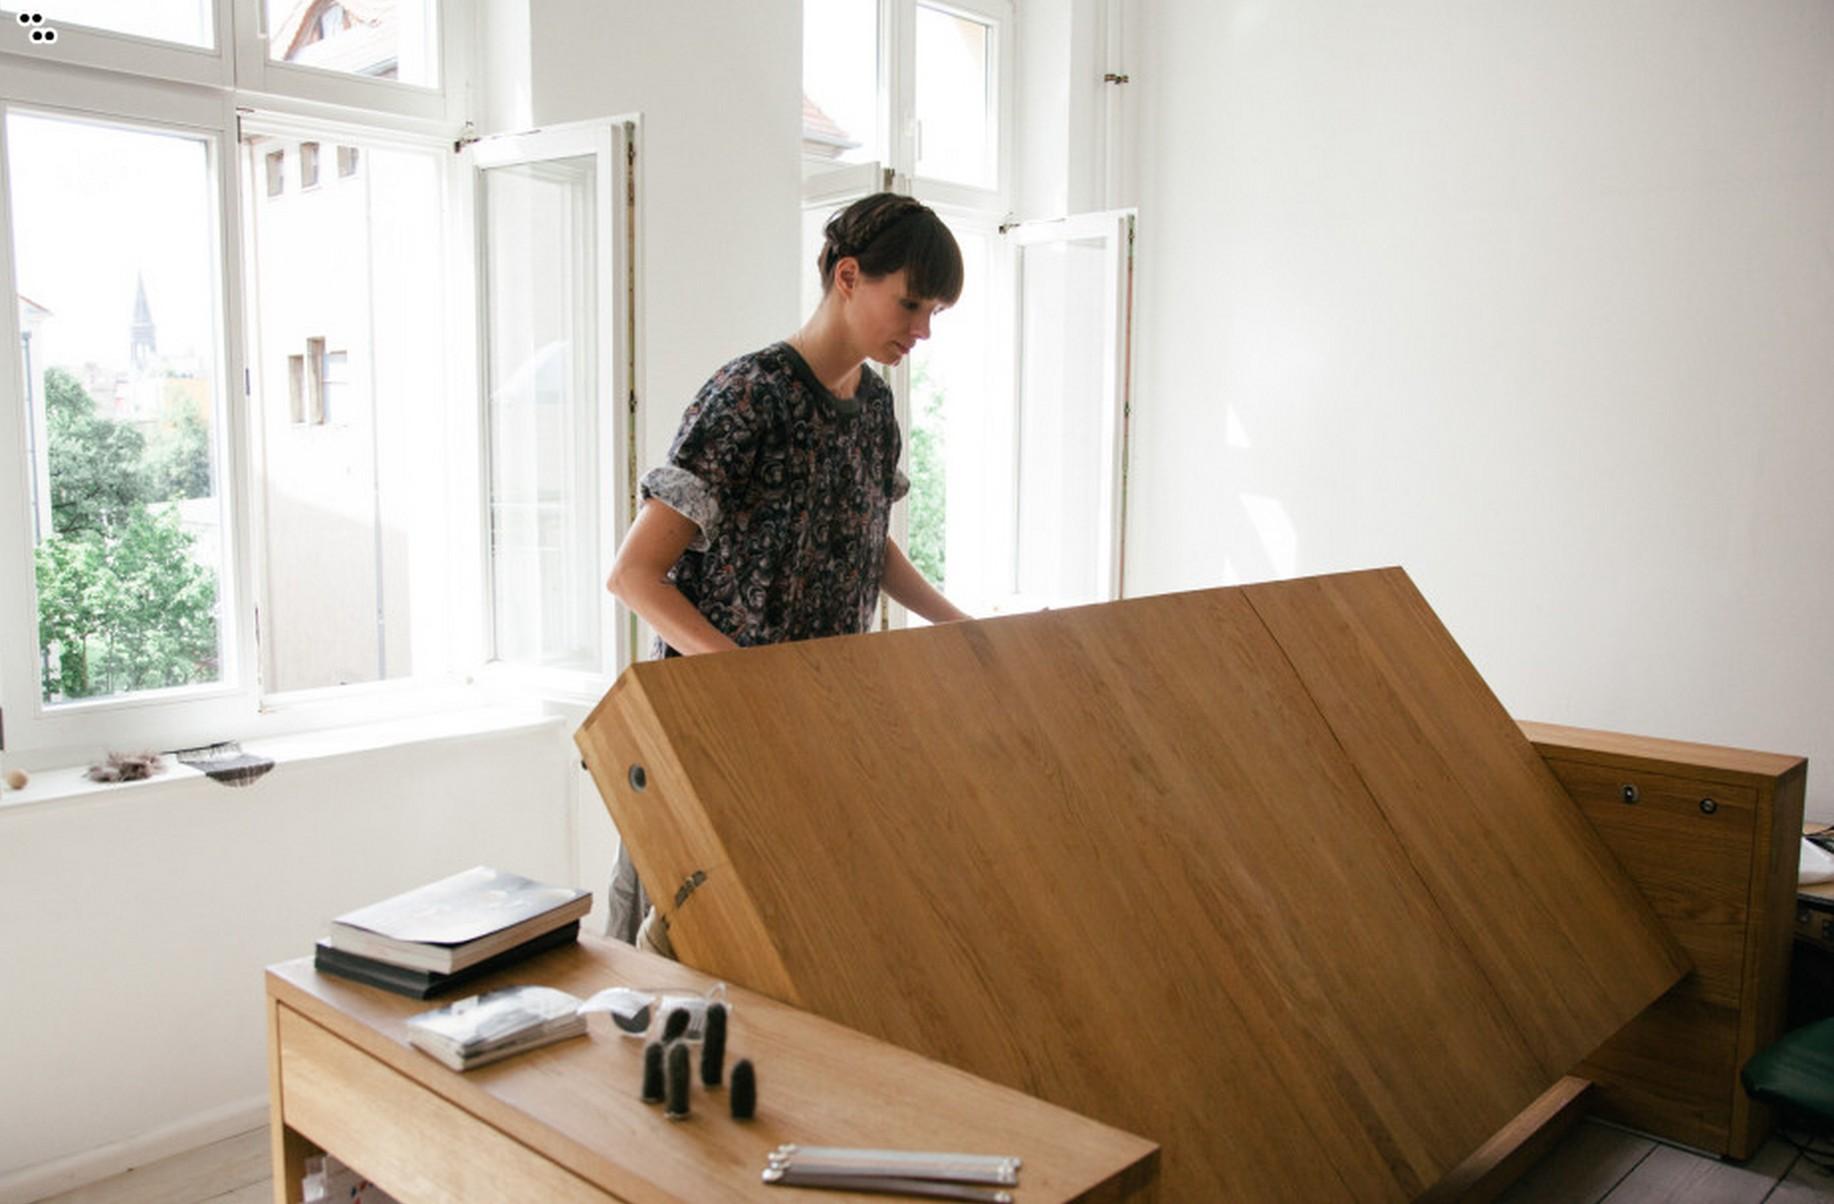 bureau lit 2 blog d co design. Black Bedroom Furniture Sets. Home Design Ideas